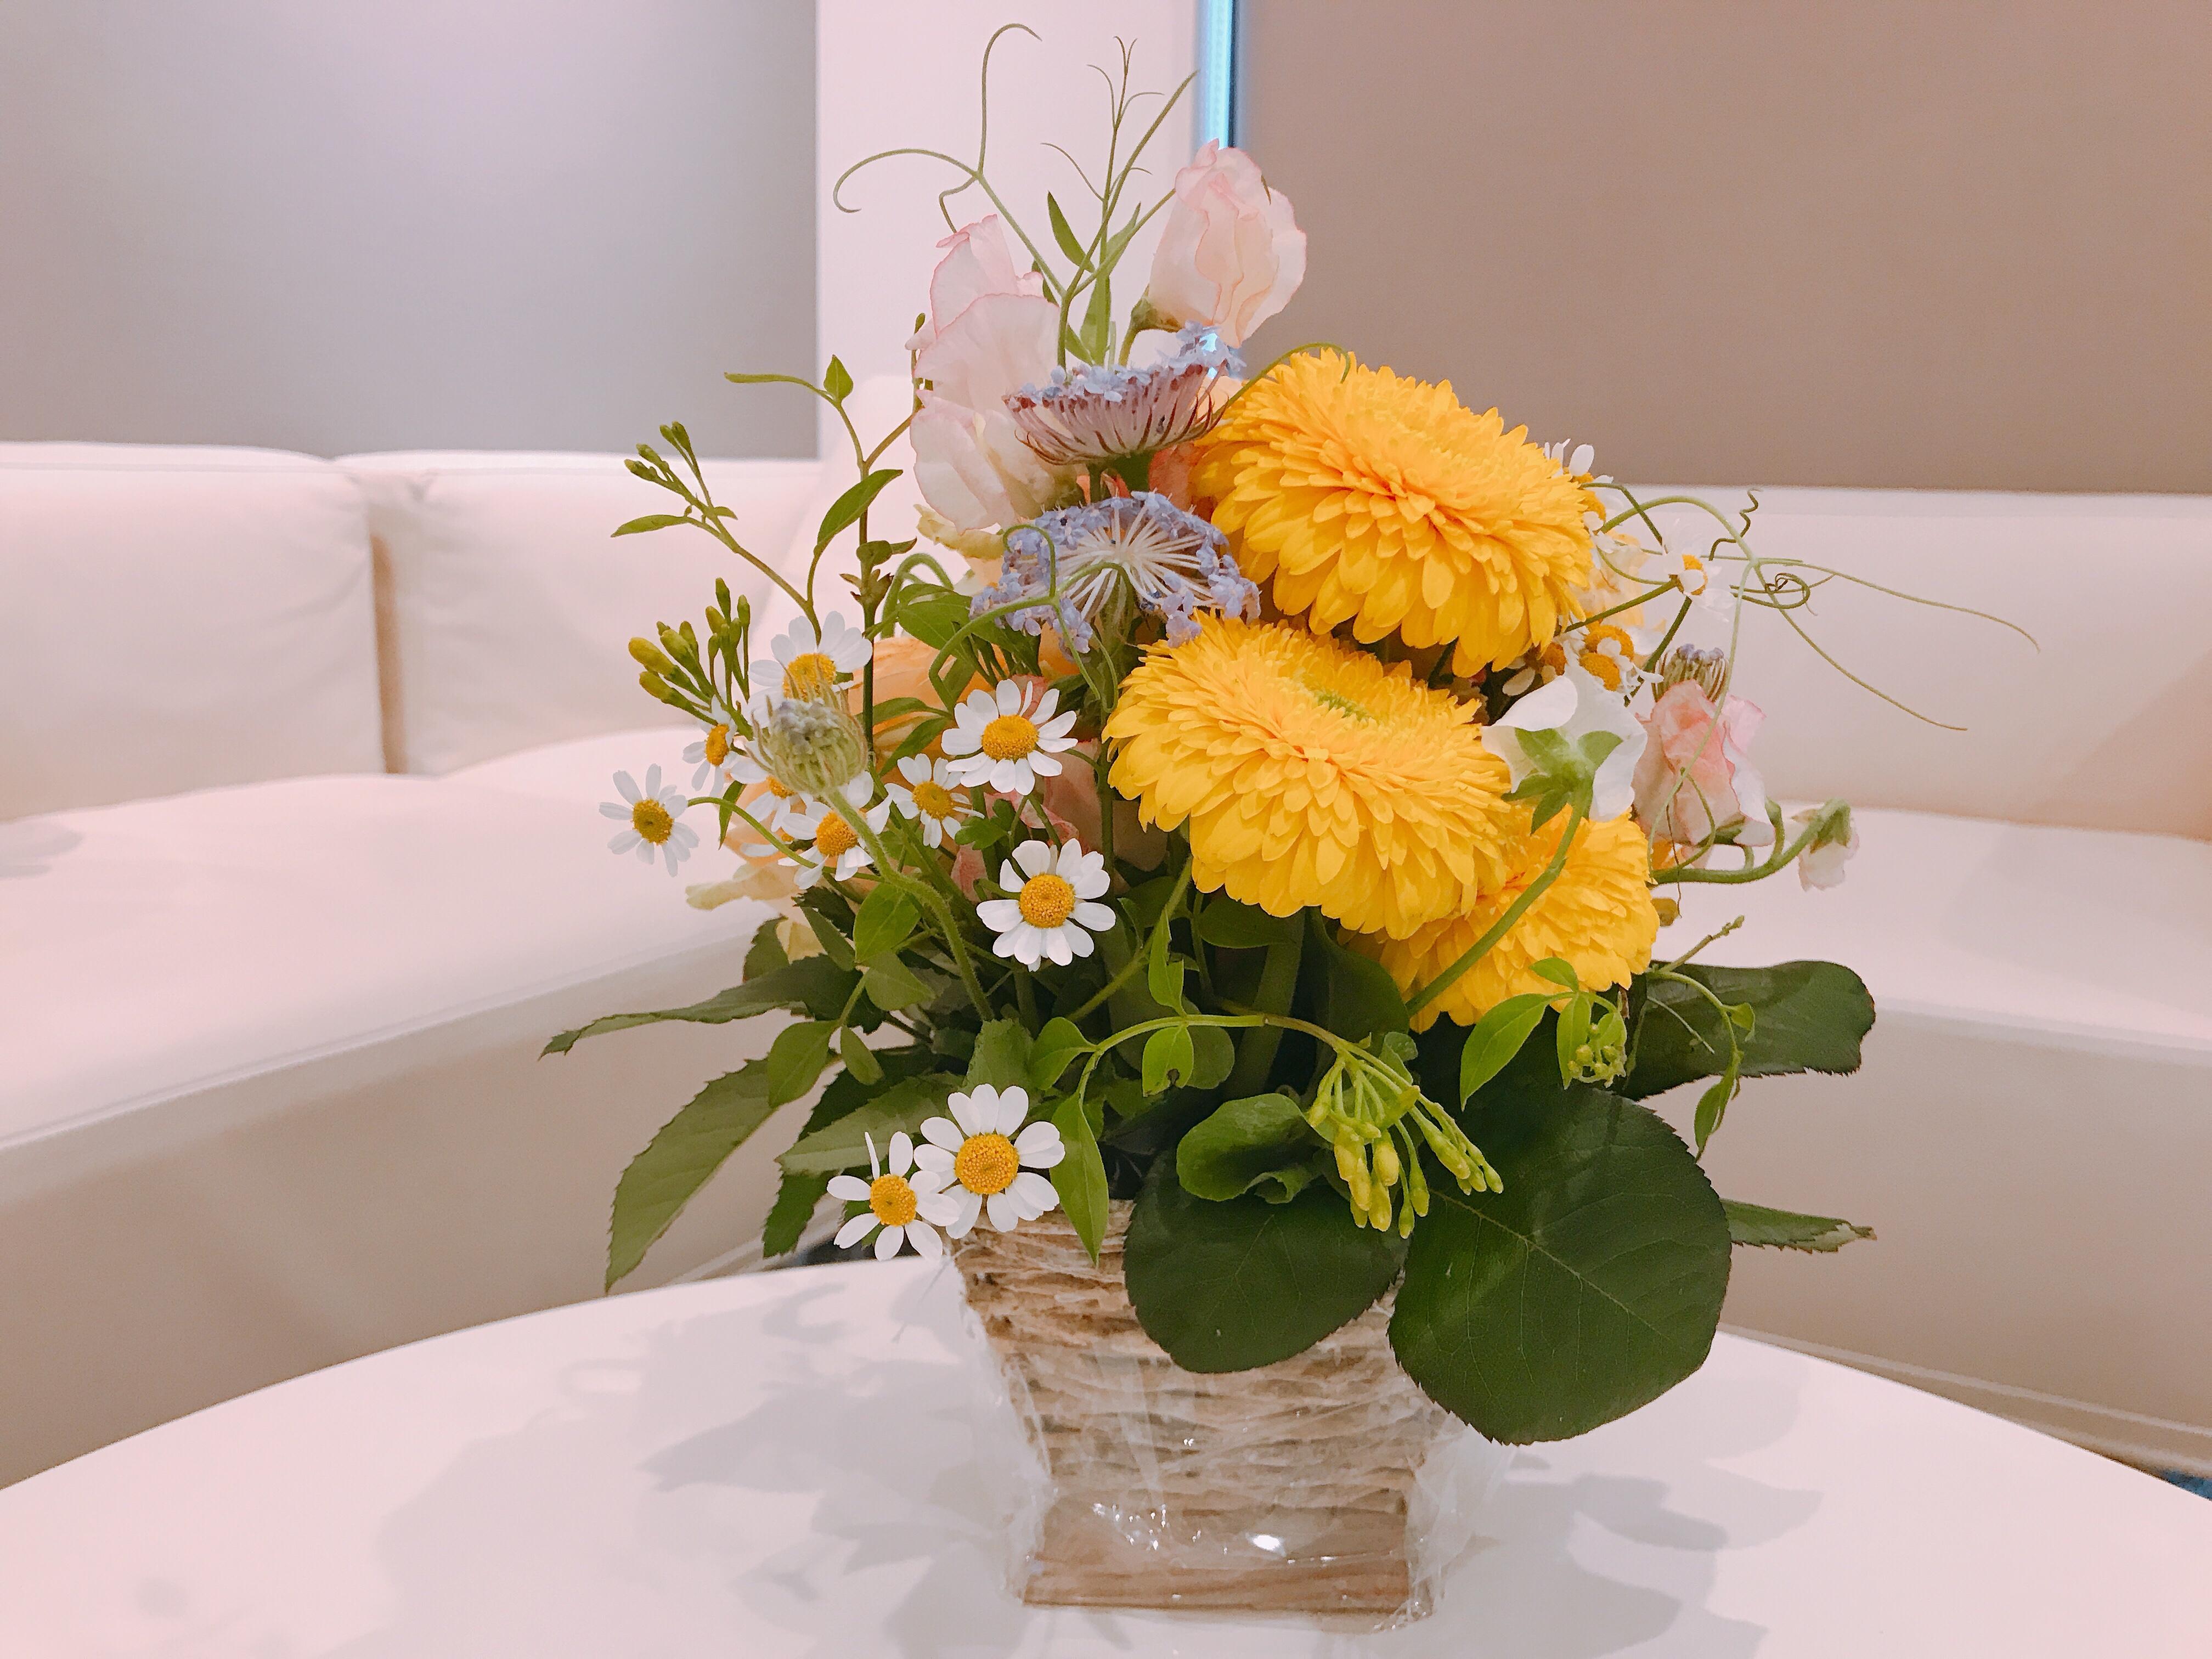 種をまき、花が咲く過程で大切なこと。